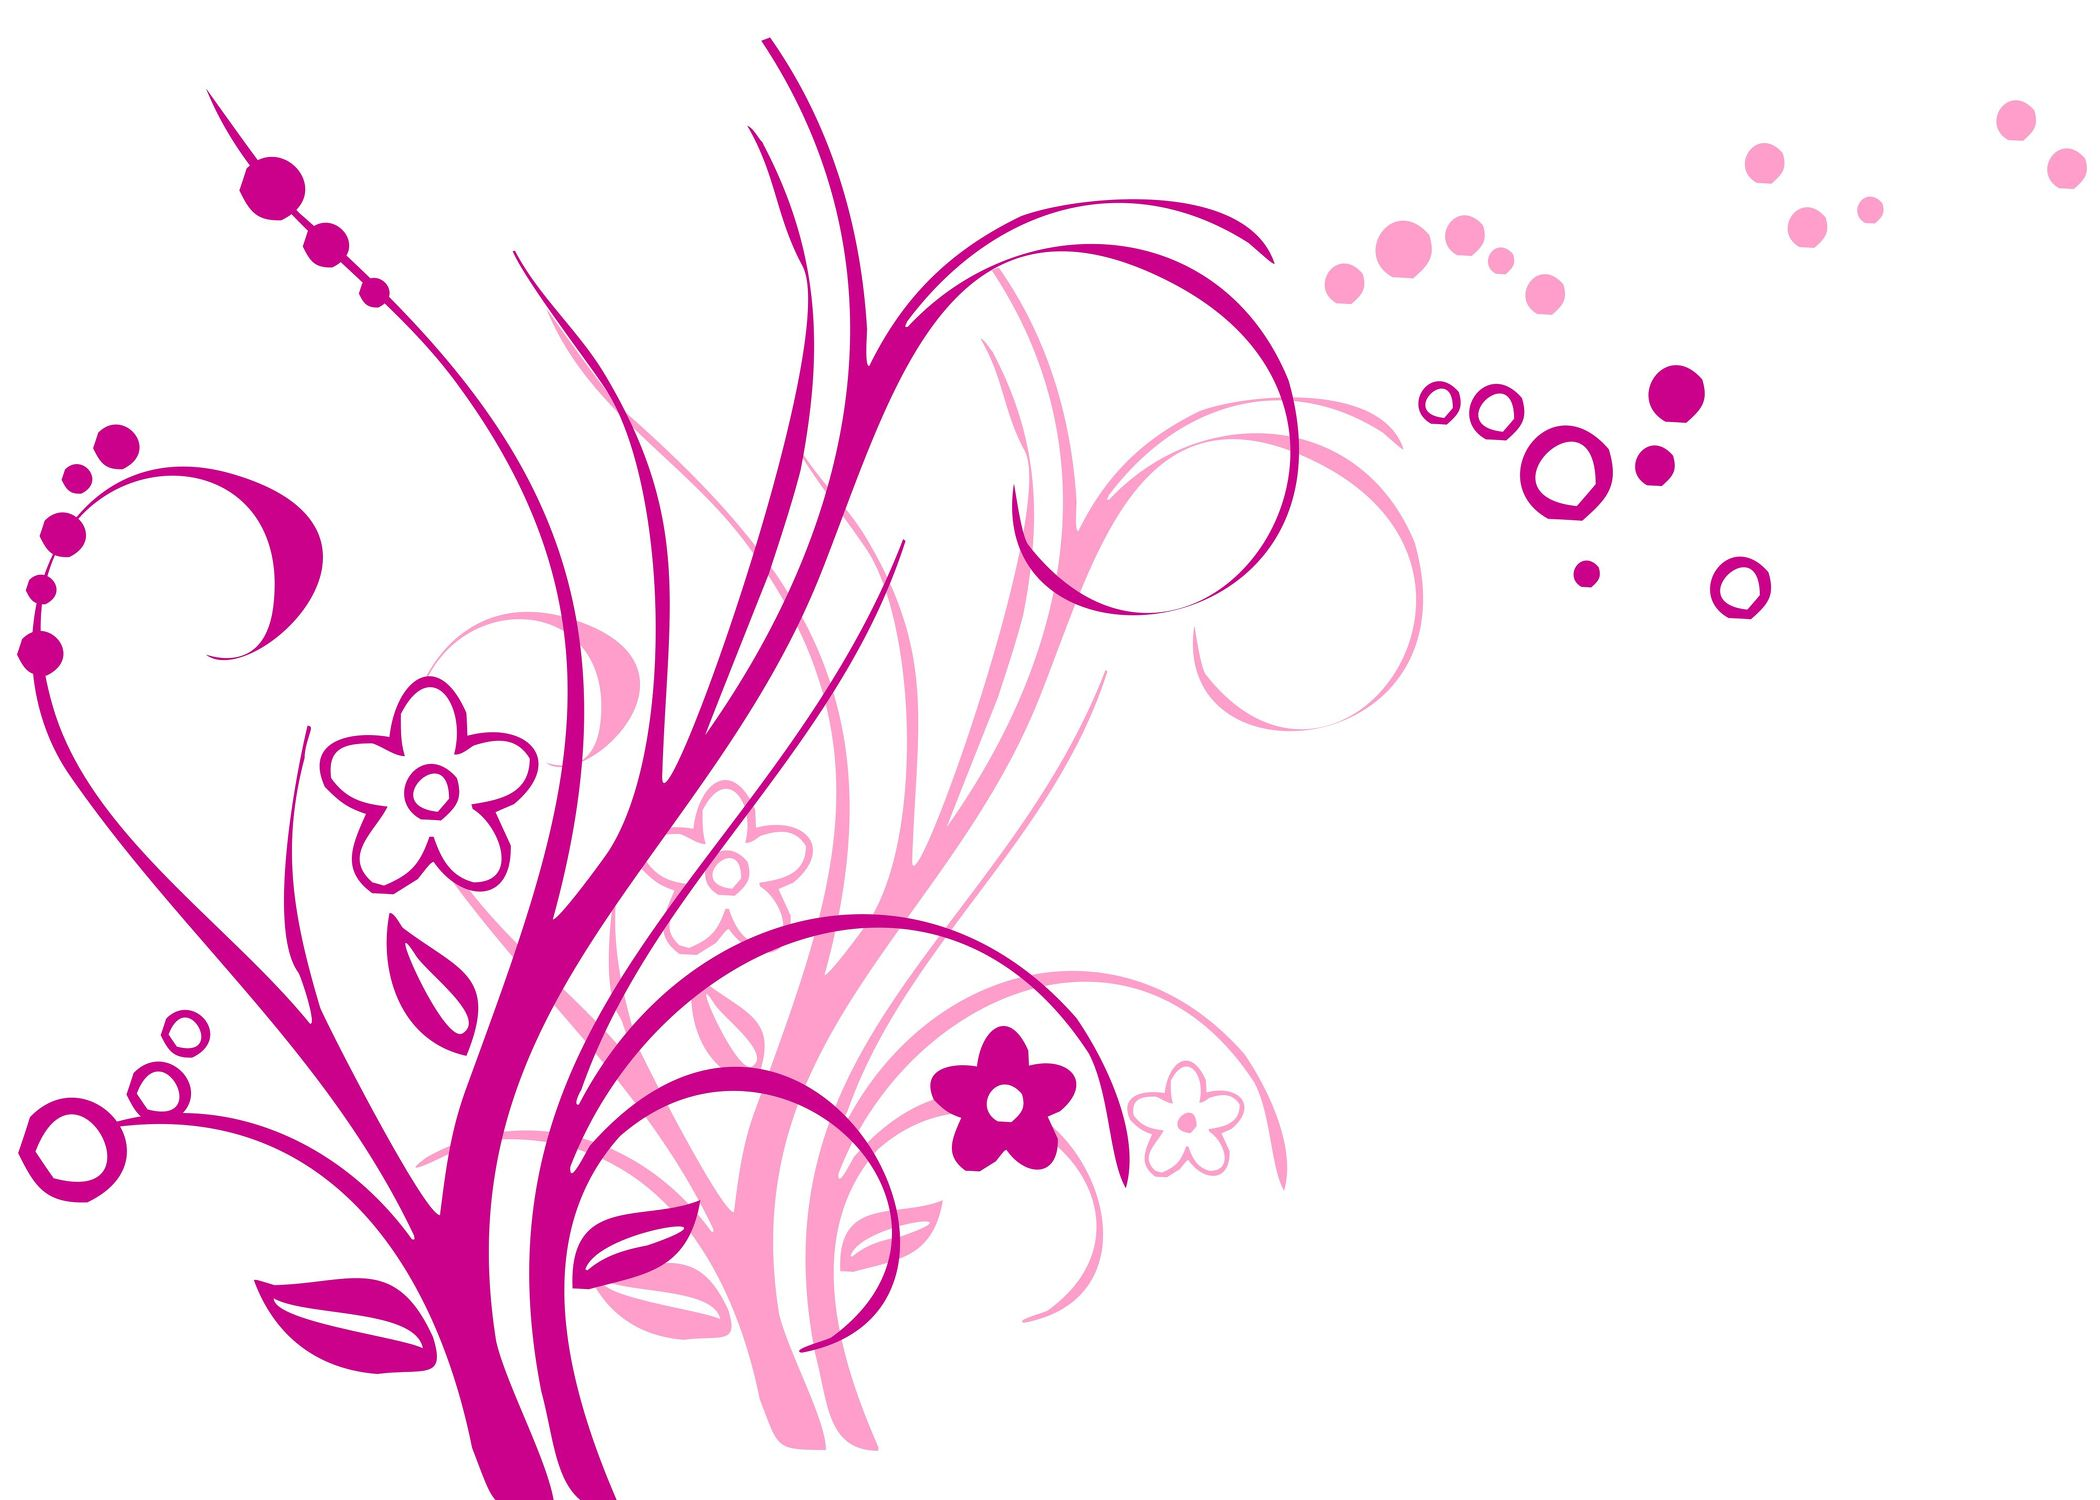 Bild mit Farben, Gegenstände, Schriftstücke, Schriften, Kunst, Natur, Pflanzen, Rosa, Magenta, Illustration, Abstrakte Kunst, Abstrakte Malerei